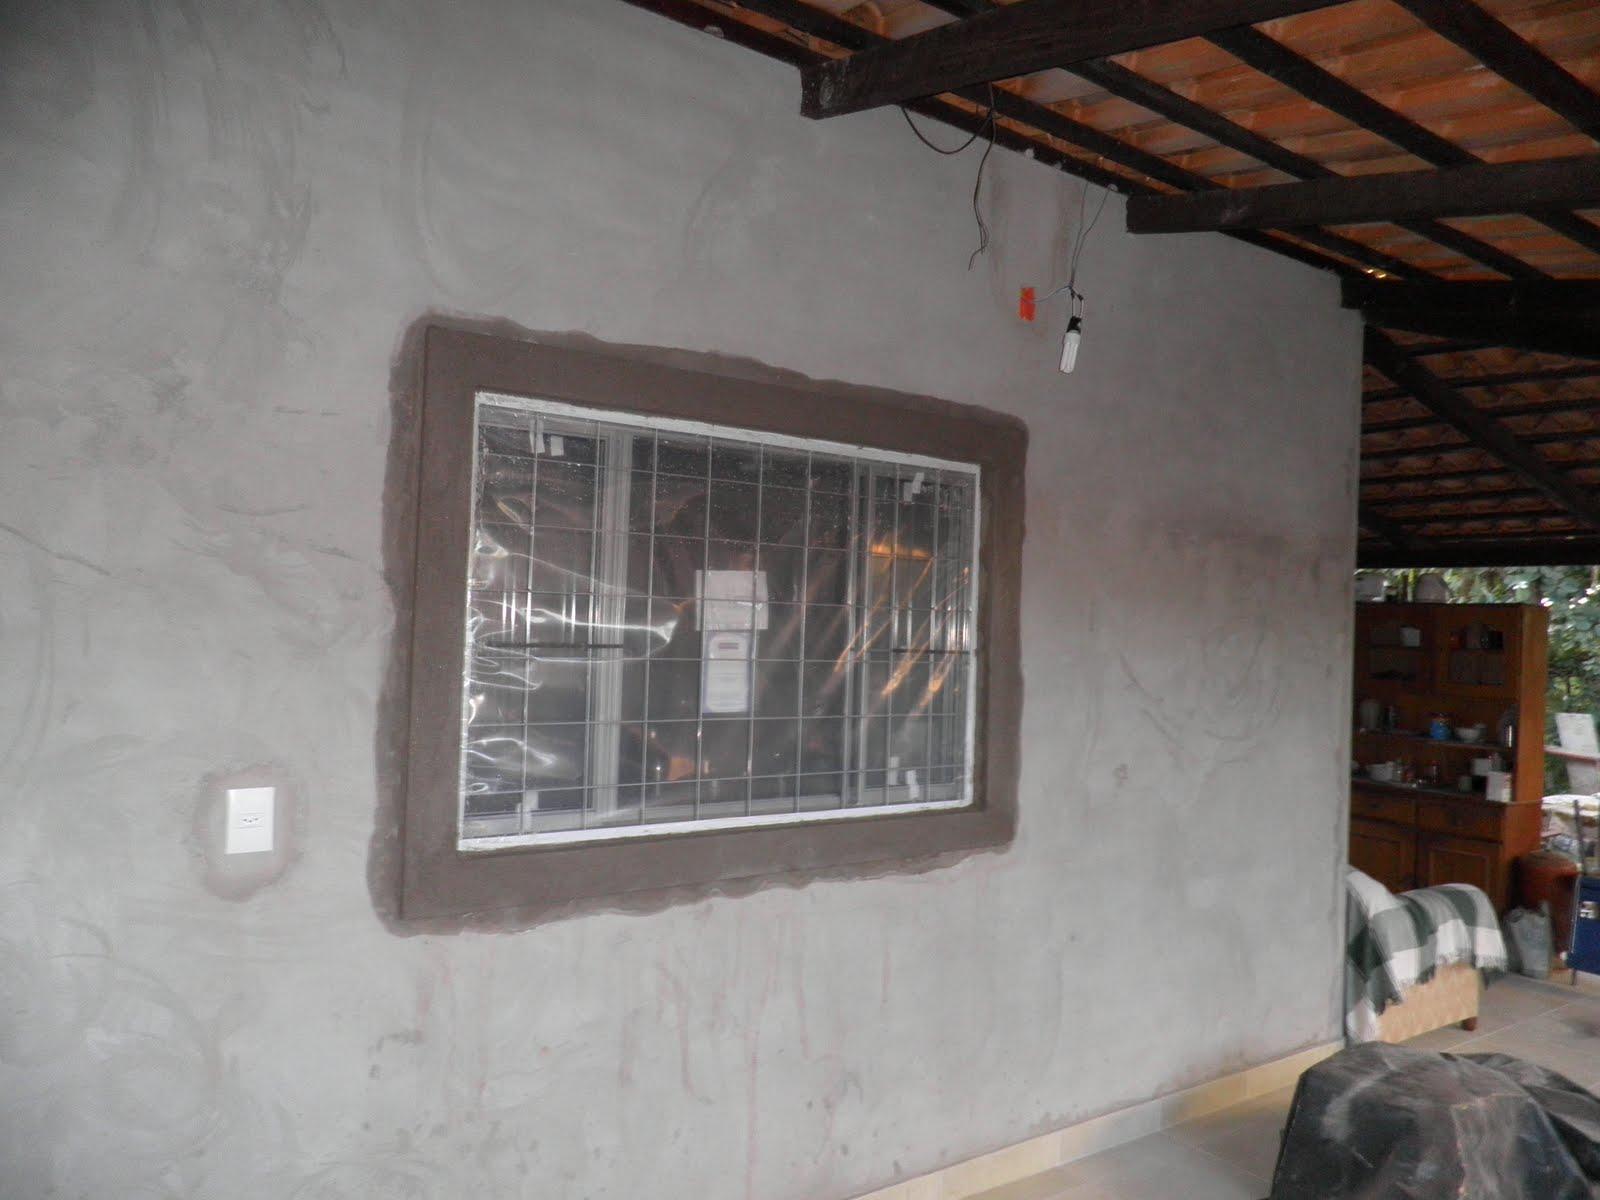 #604538 REFORMANDO A DISTANCIA: JANELAS COM MOLDURAS 1818 Janela De Aluminio Pode Ser Pintada De Branco